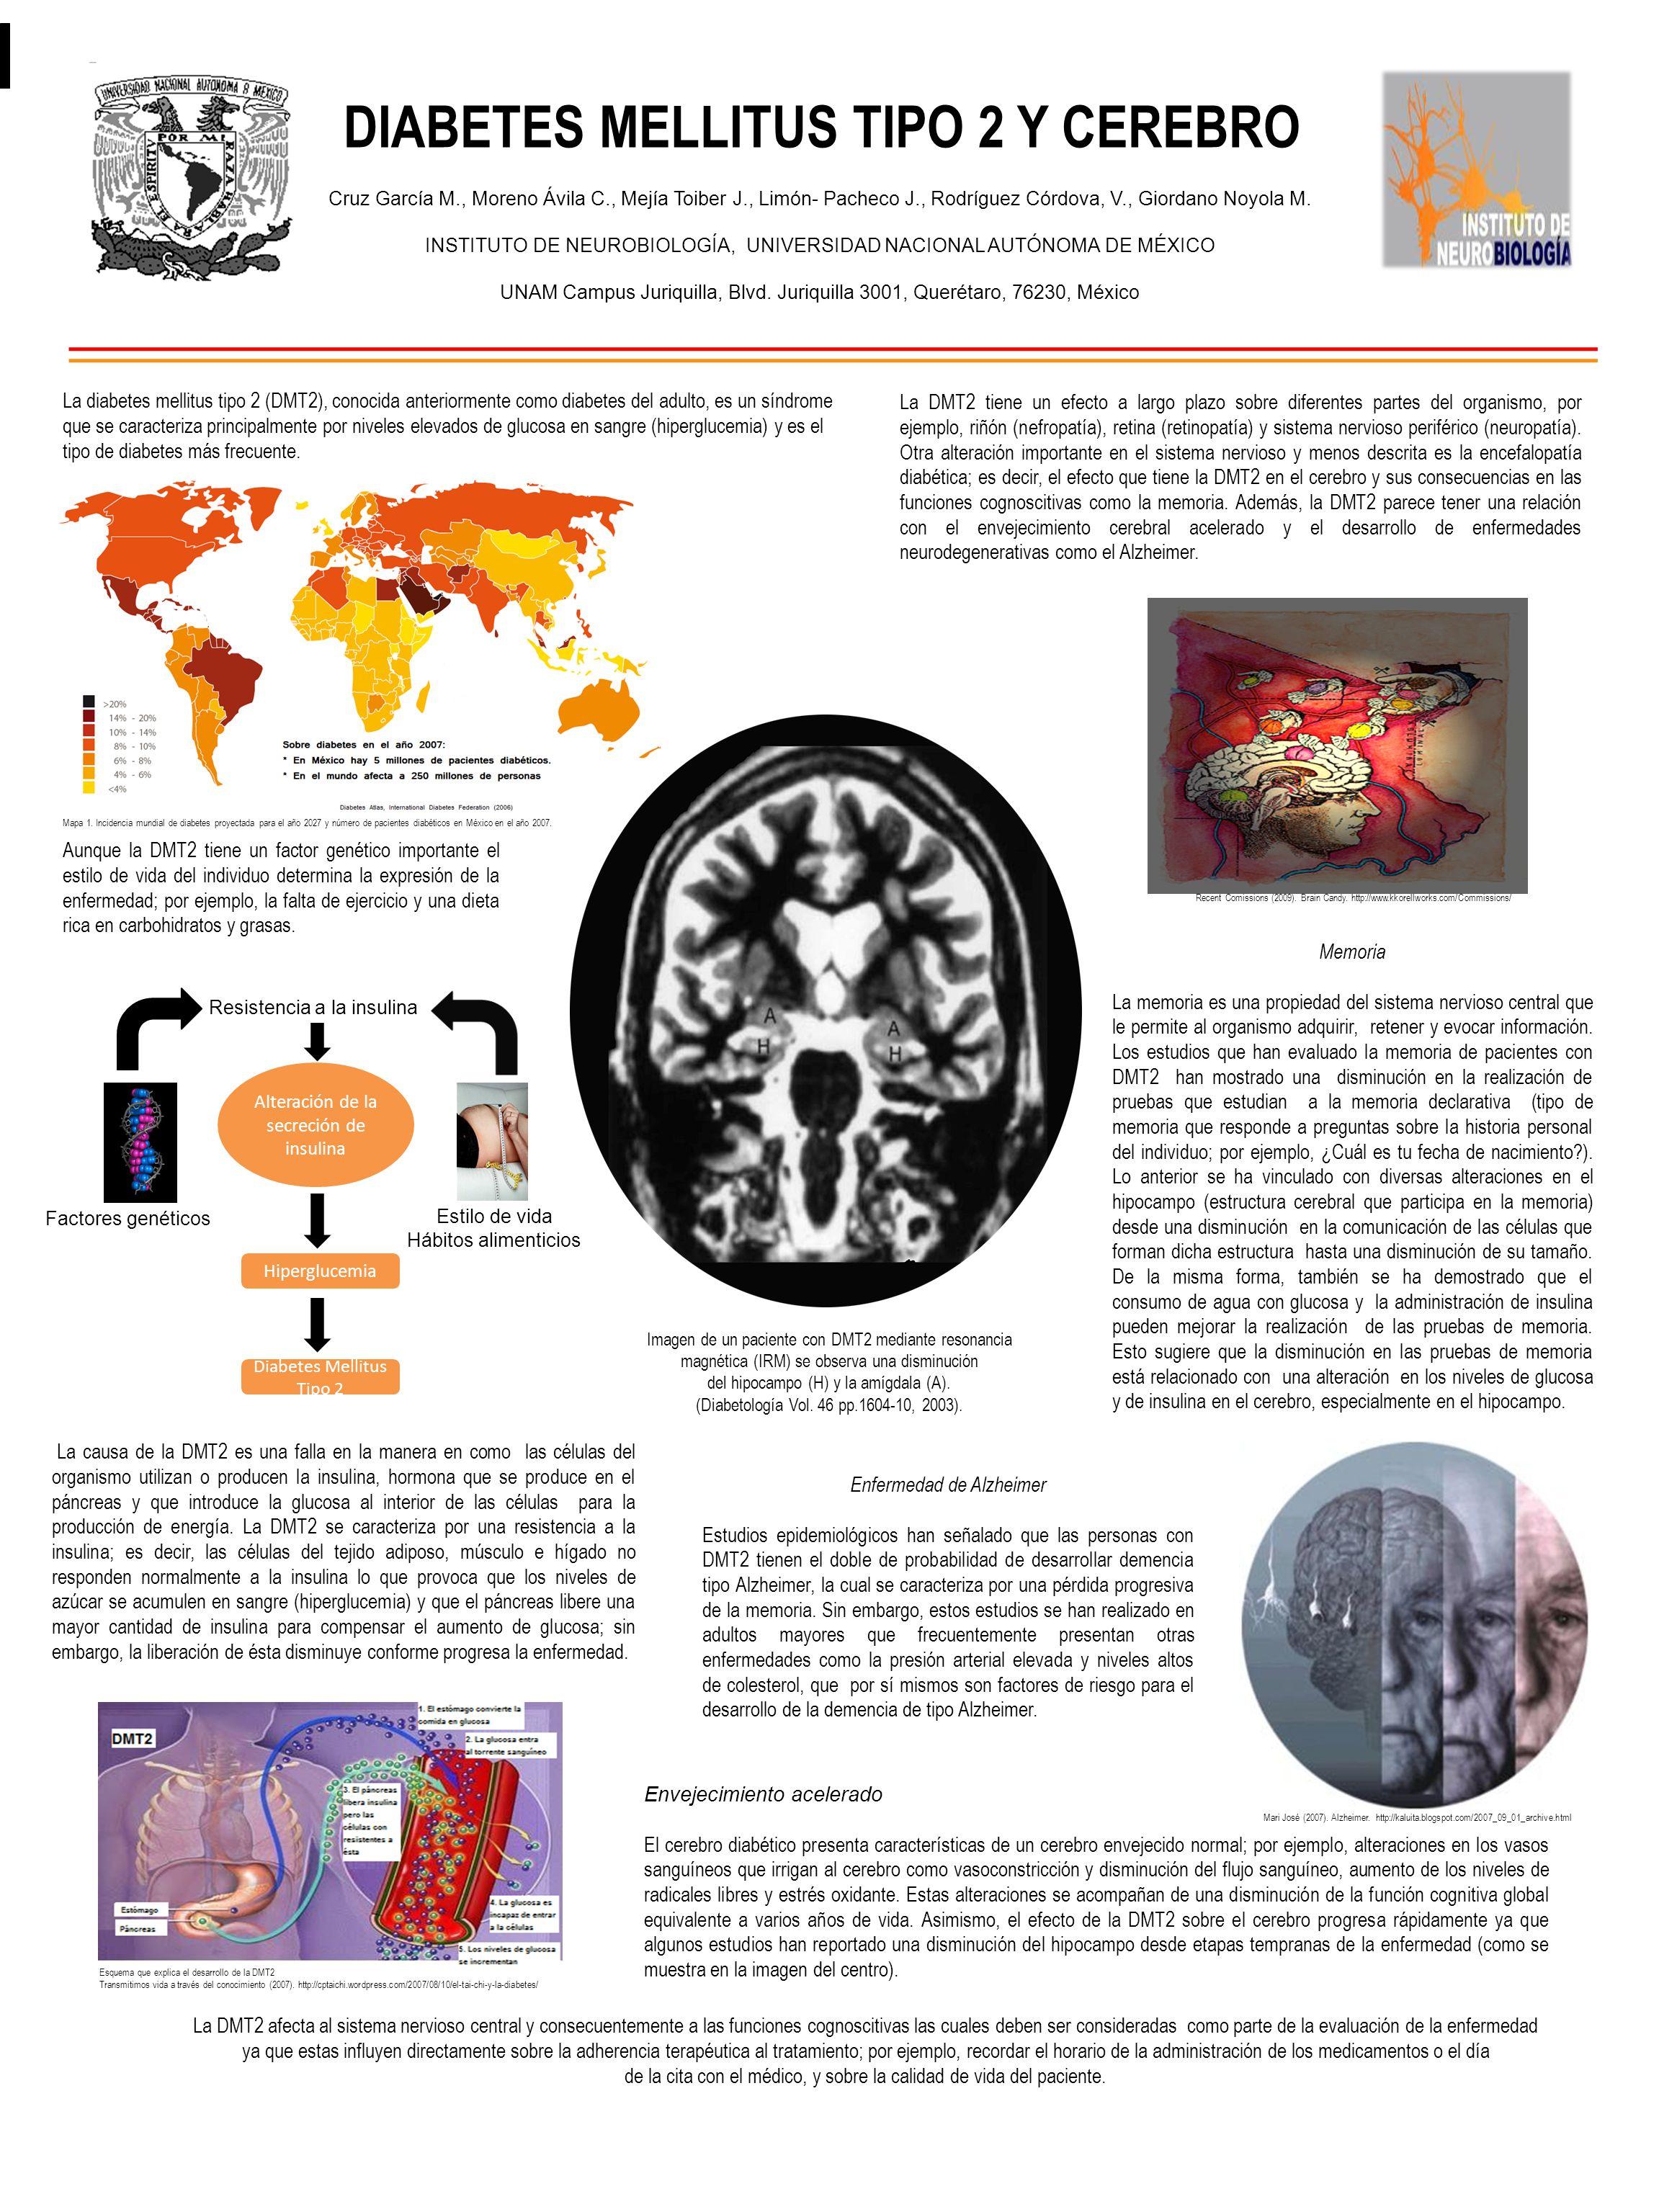 resonancia magnetica cerebral resultados normales de diabetes